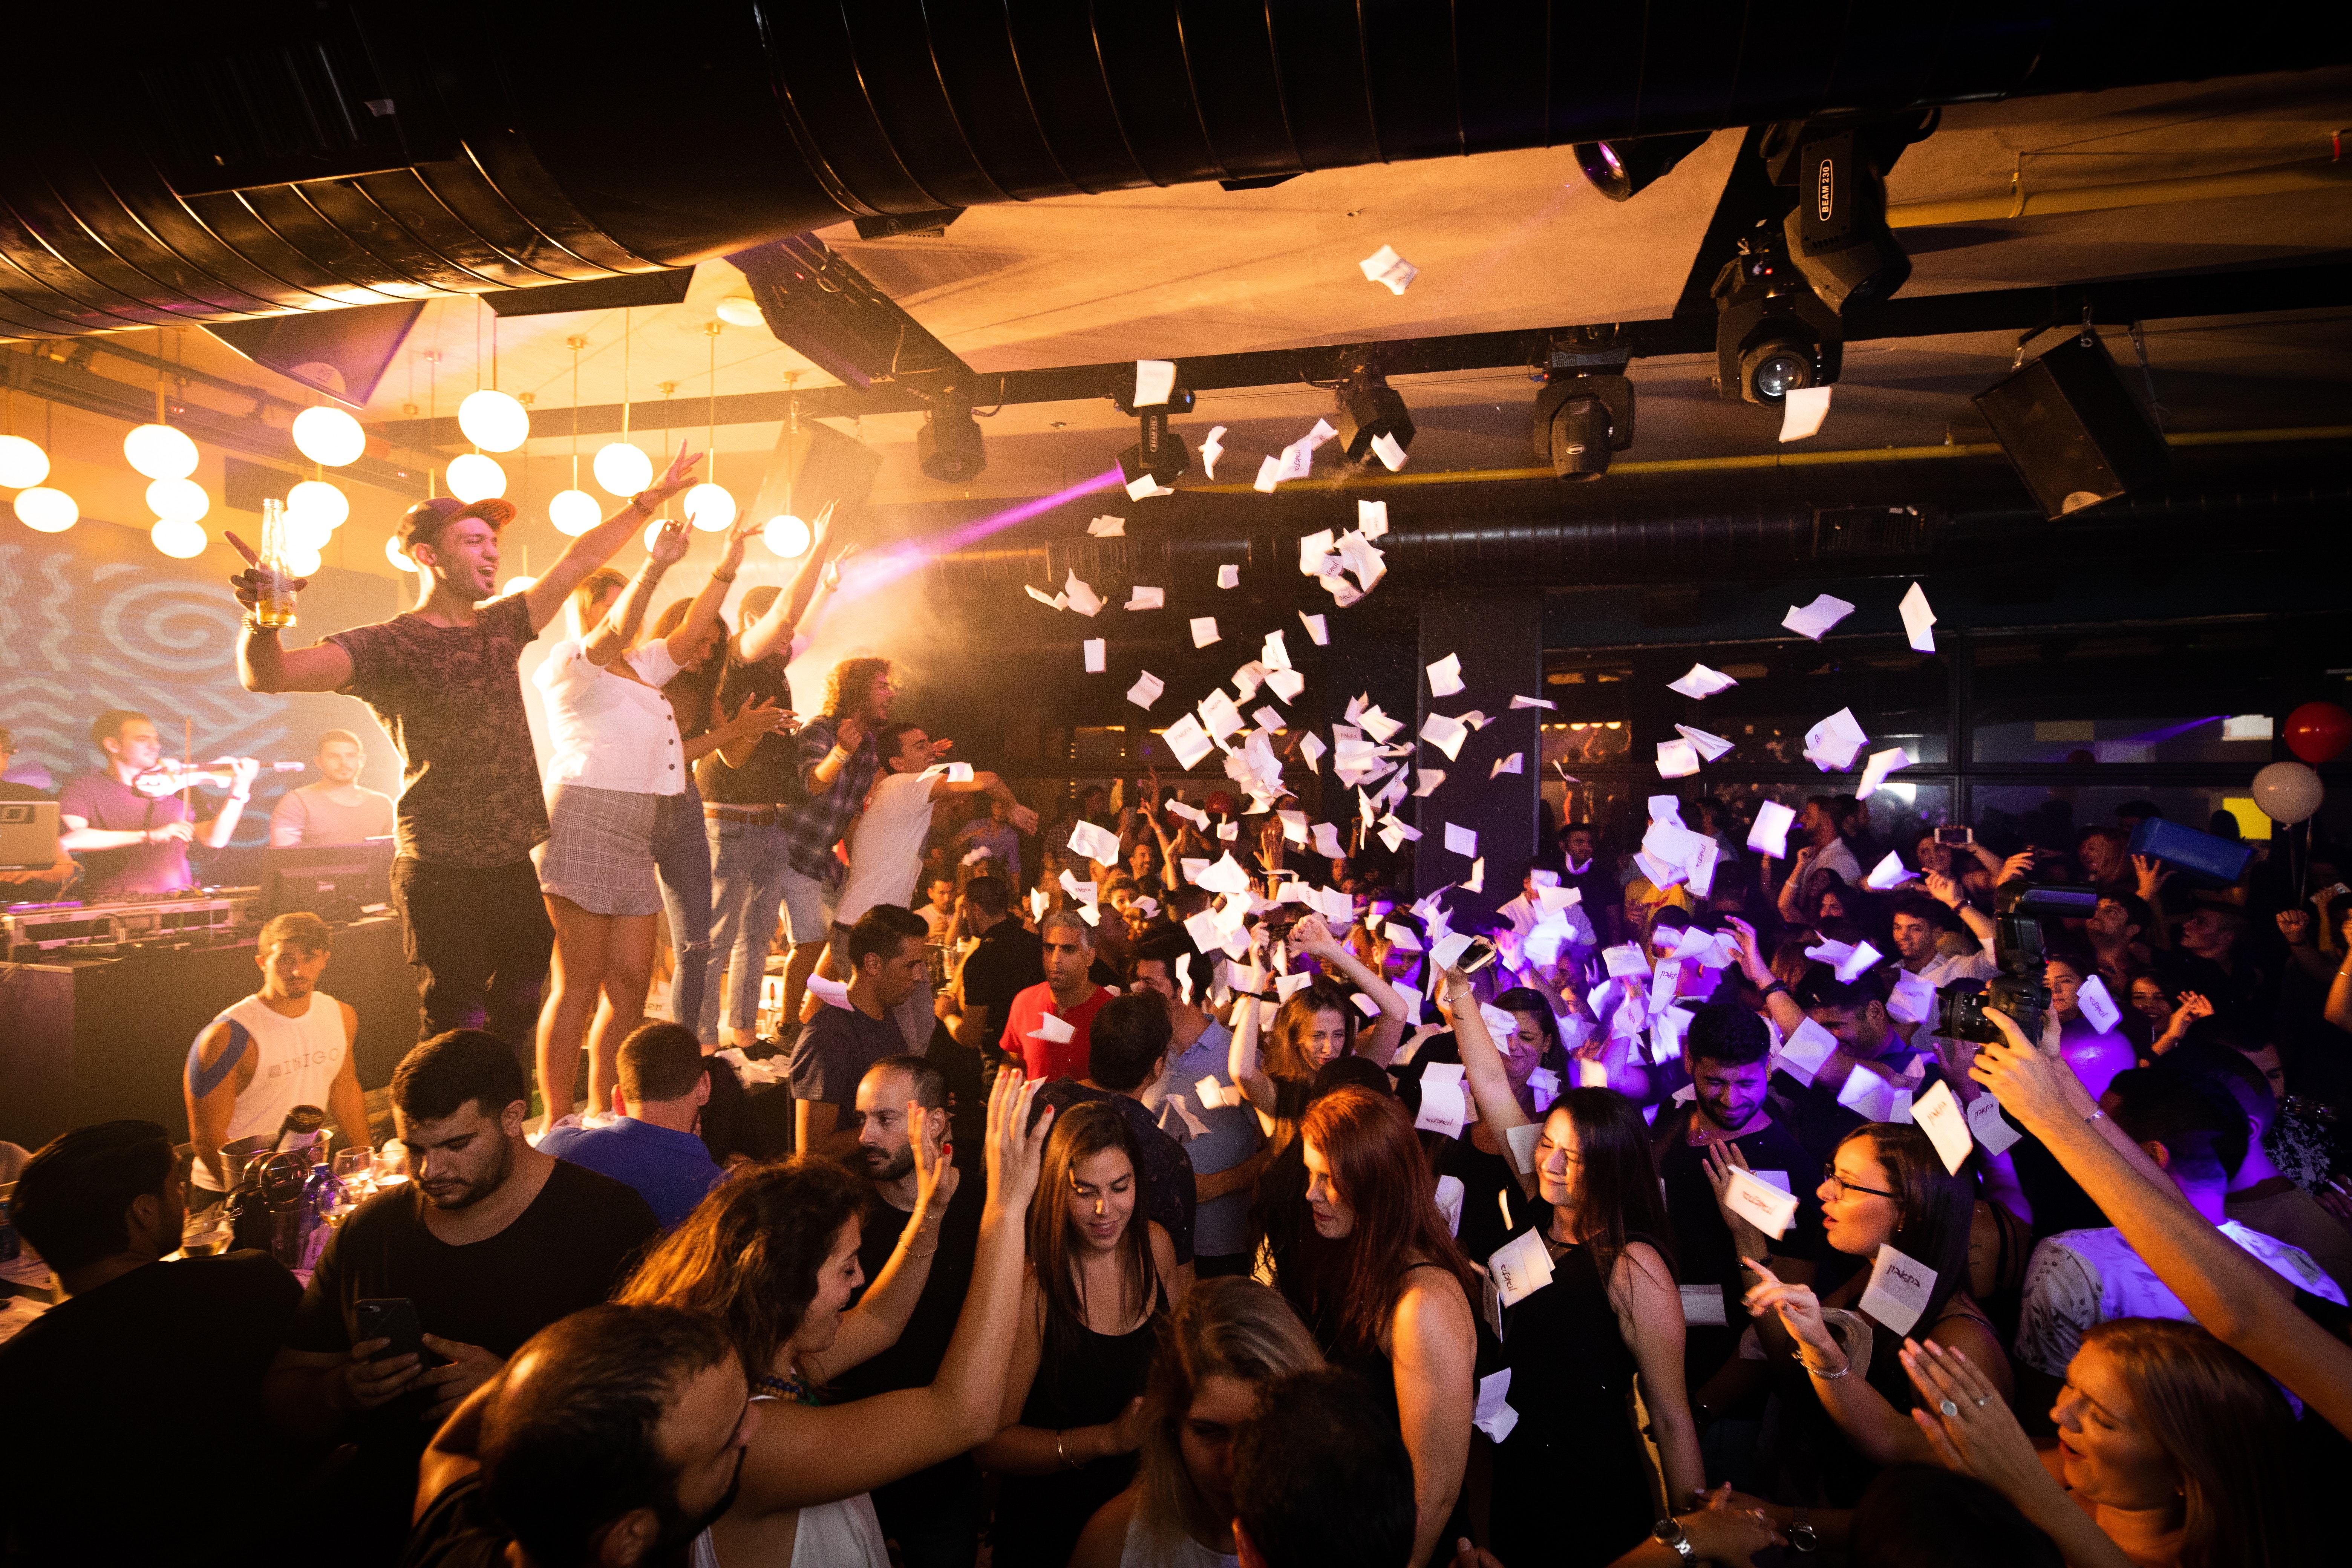 audience-band-celebration-1449795